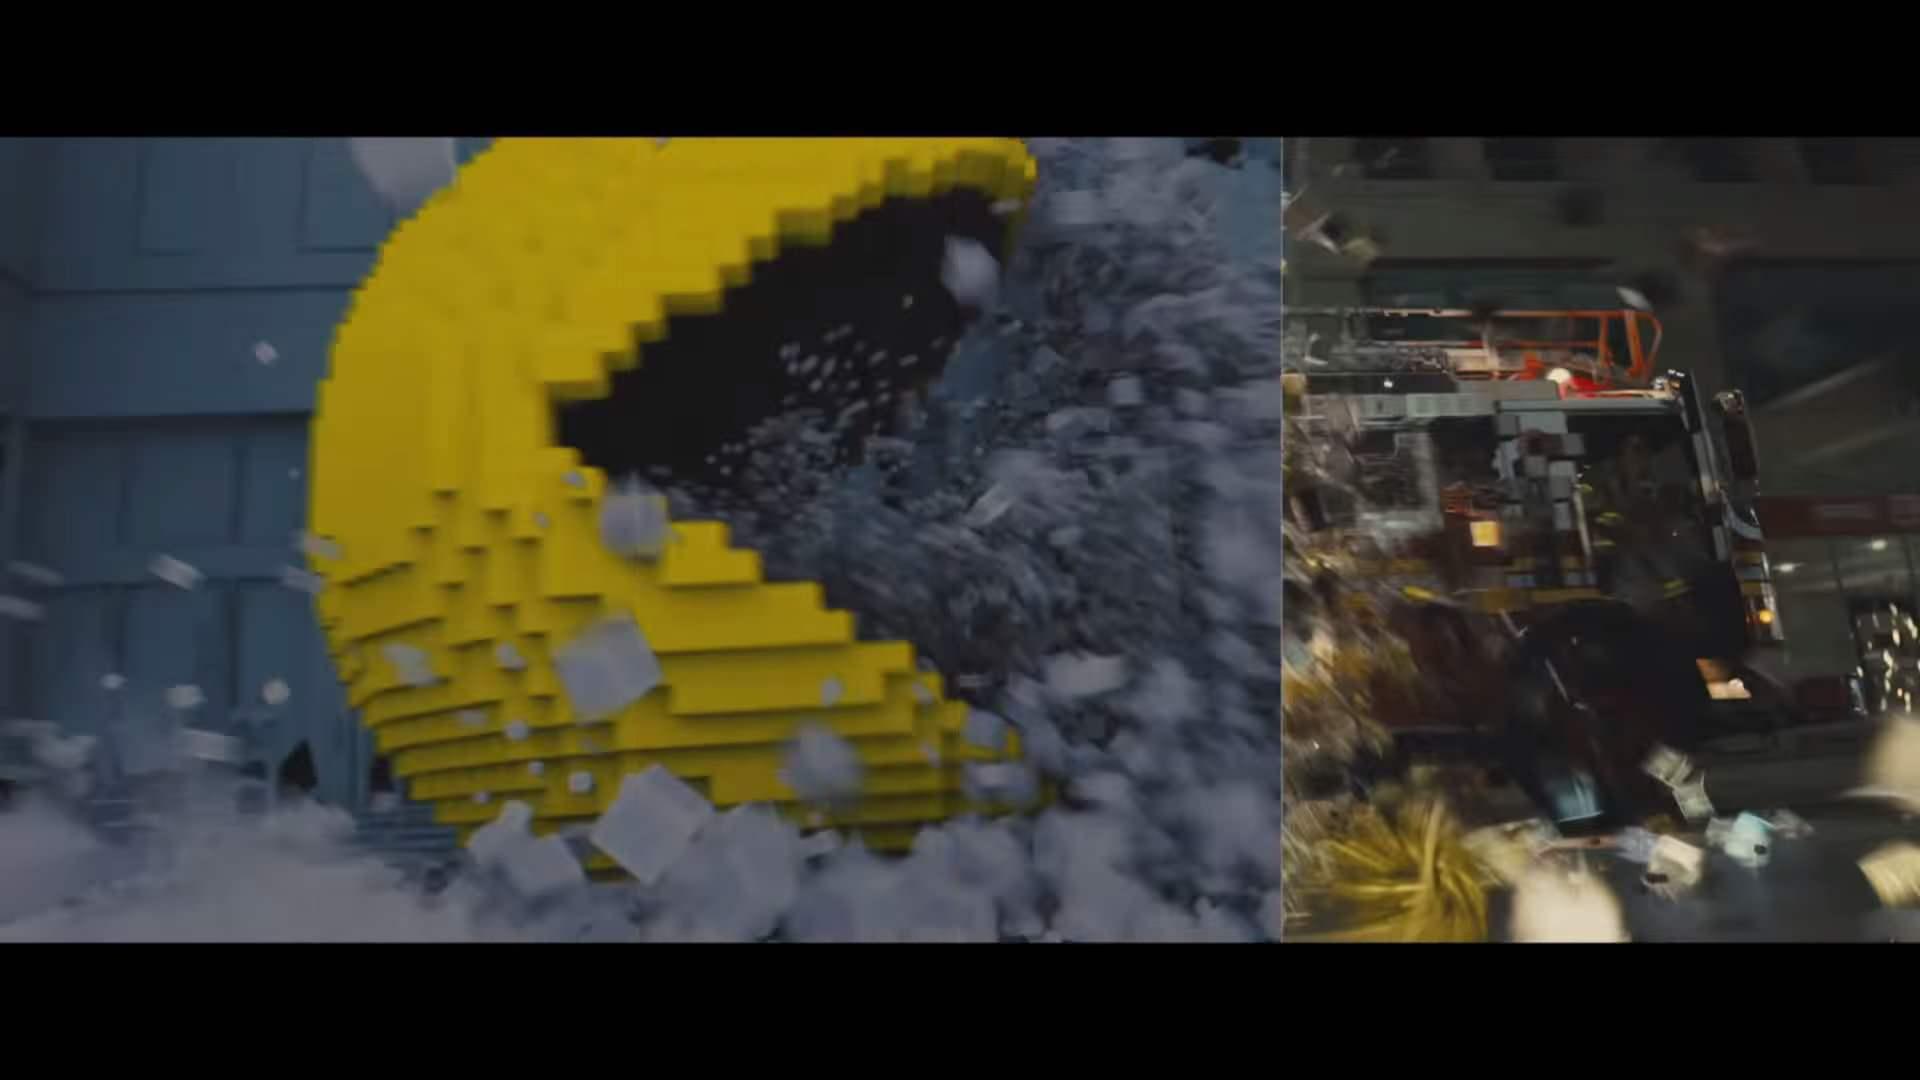 映画「ピクセル」の舞台裏、CG制作がどのように行われているか。